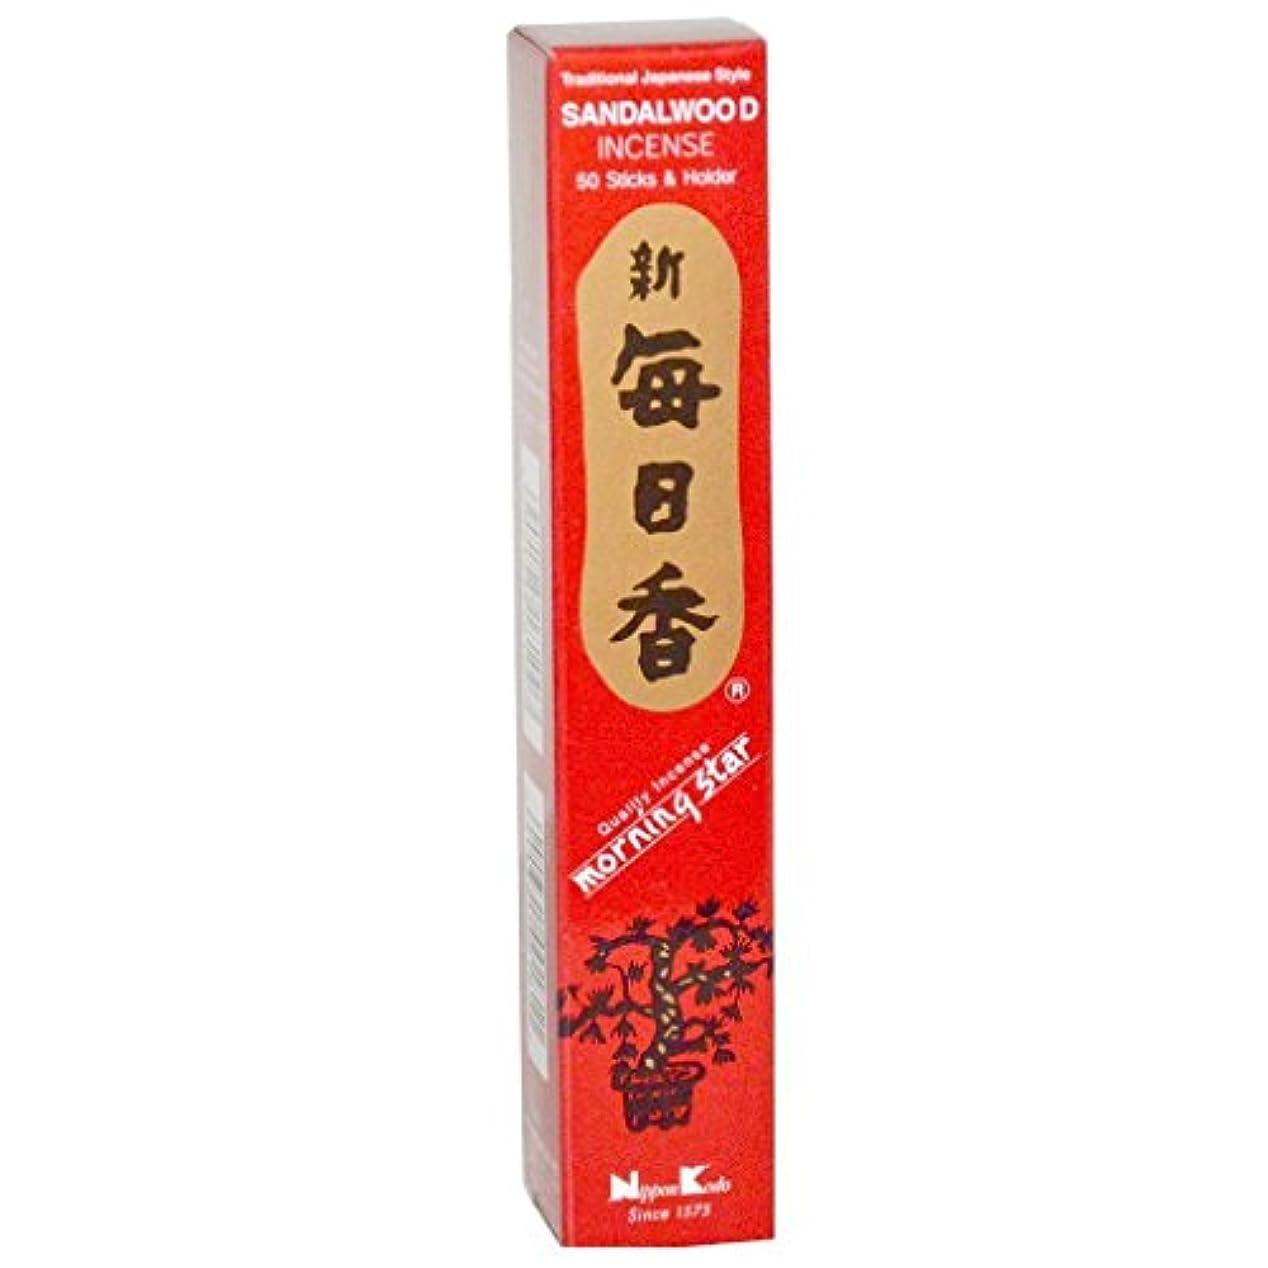 年齢エアコン皮肉なSandalwood Morning Star Quality Japanese Incense by Nippon Kodo - 50 Sticks + Holder